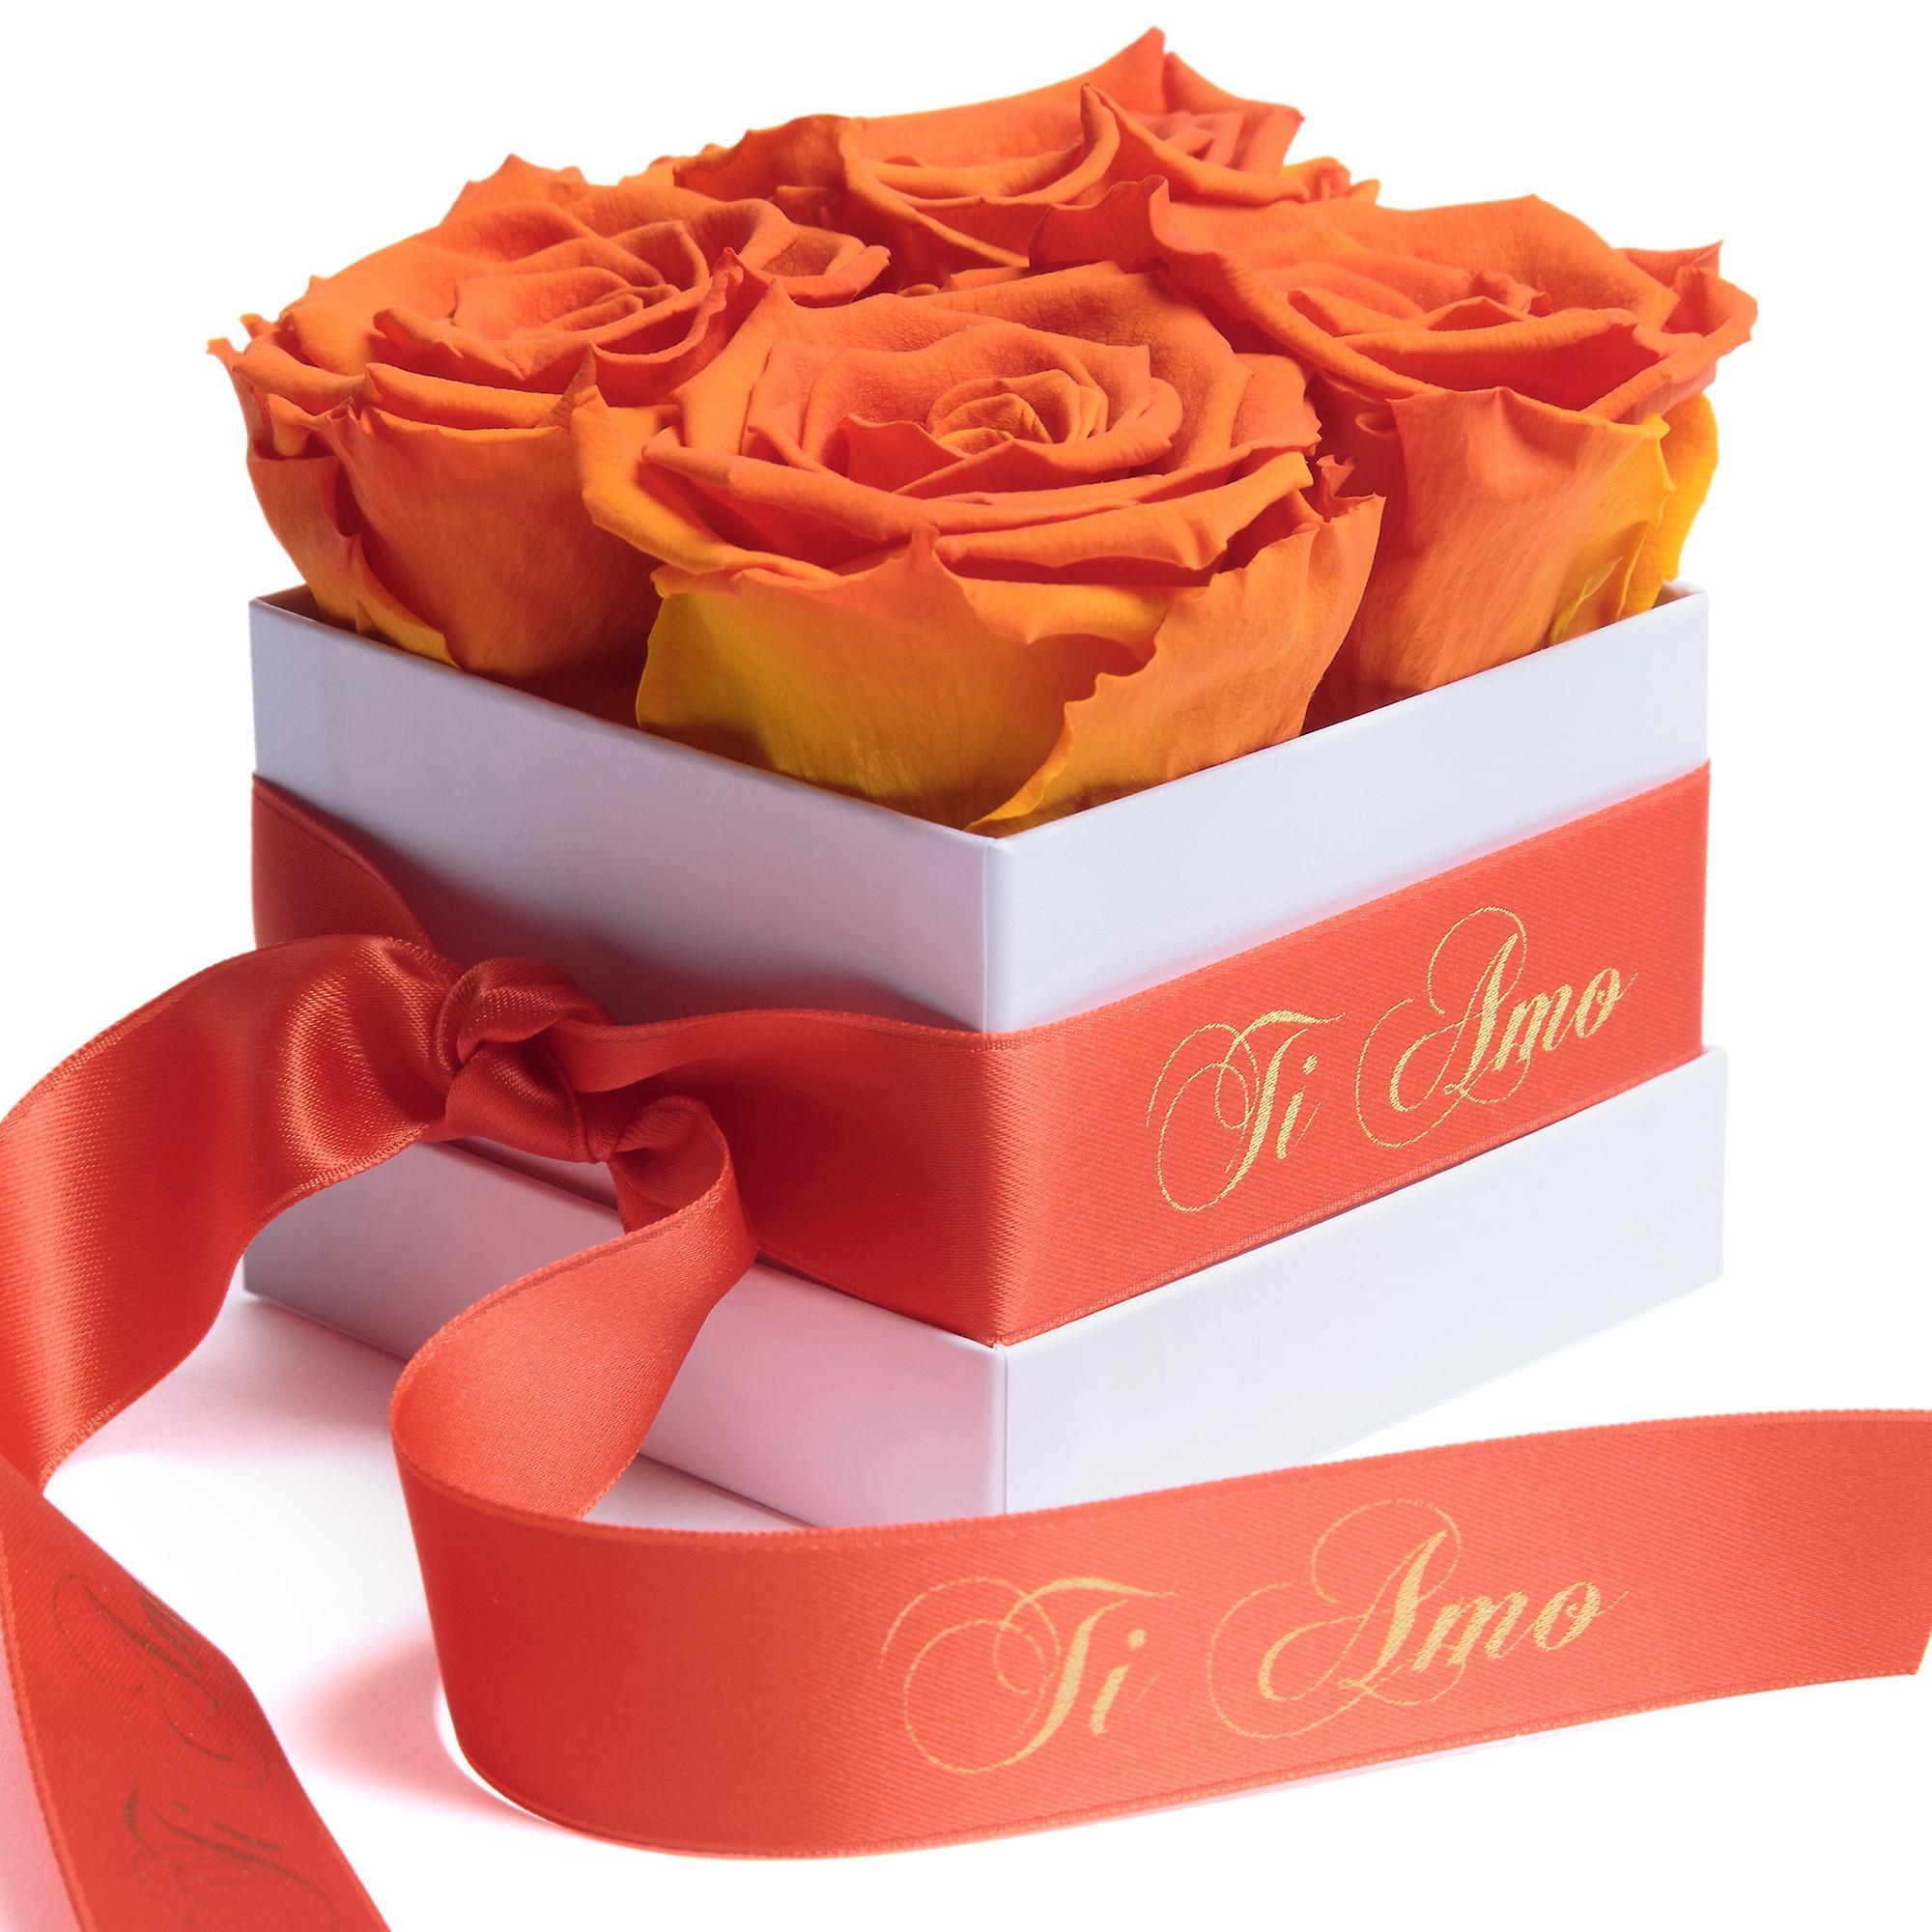 Blumen Box Weiß ewige Rosen haltbar 3 Jahre Orange Ti Amo Geschenk